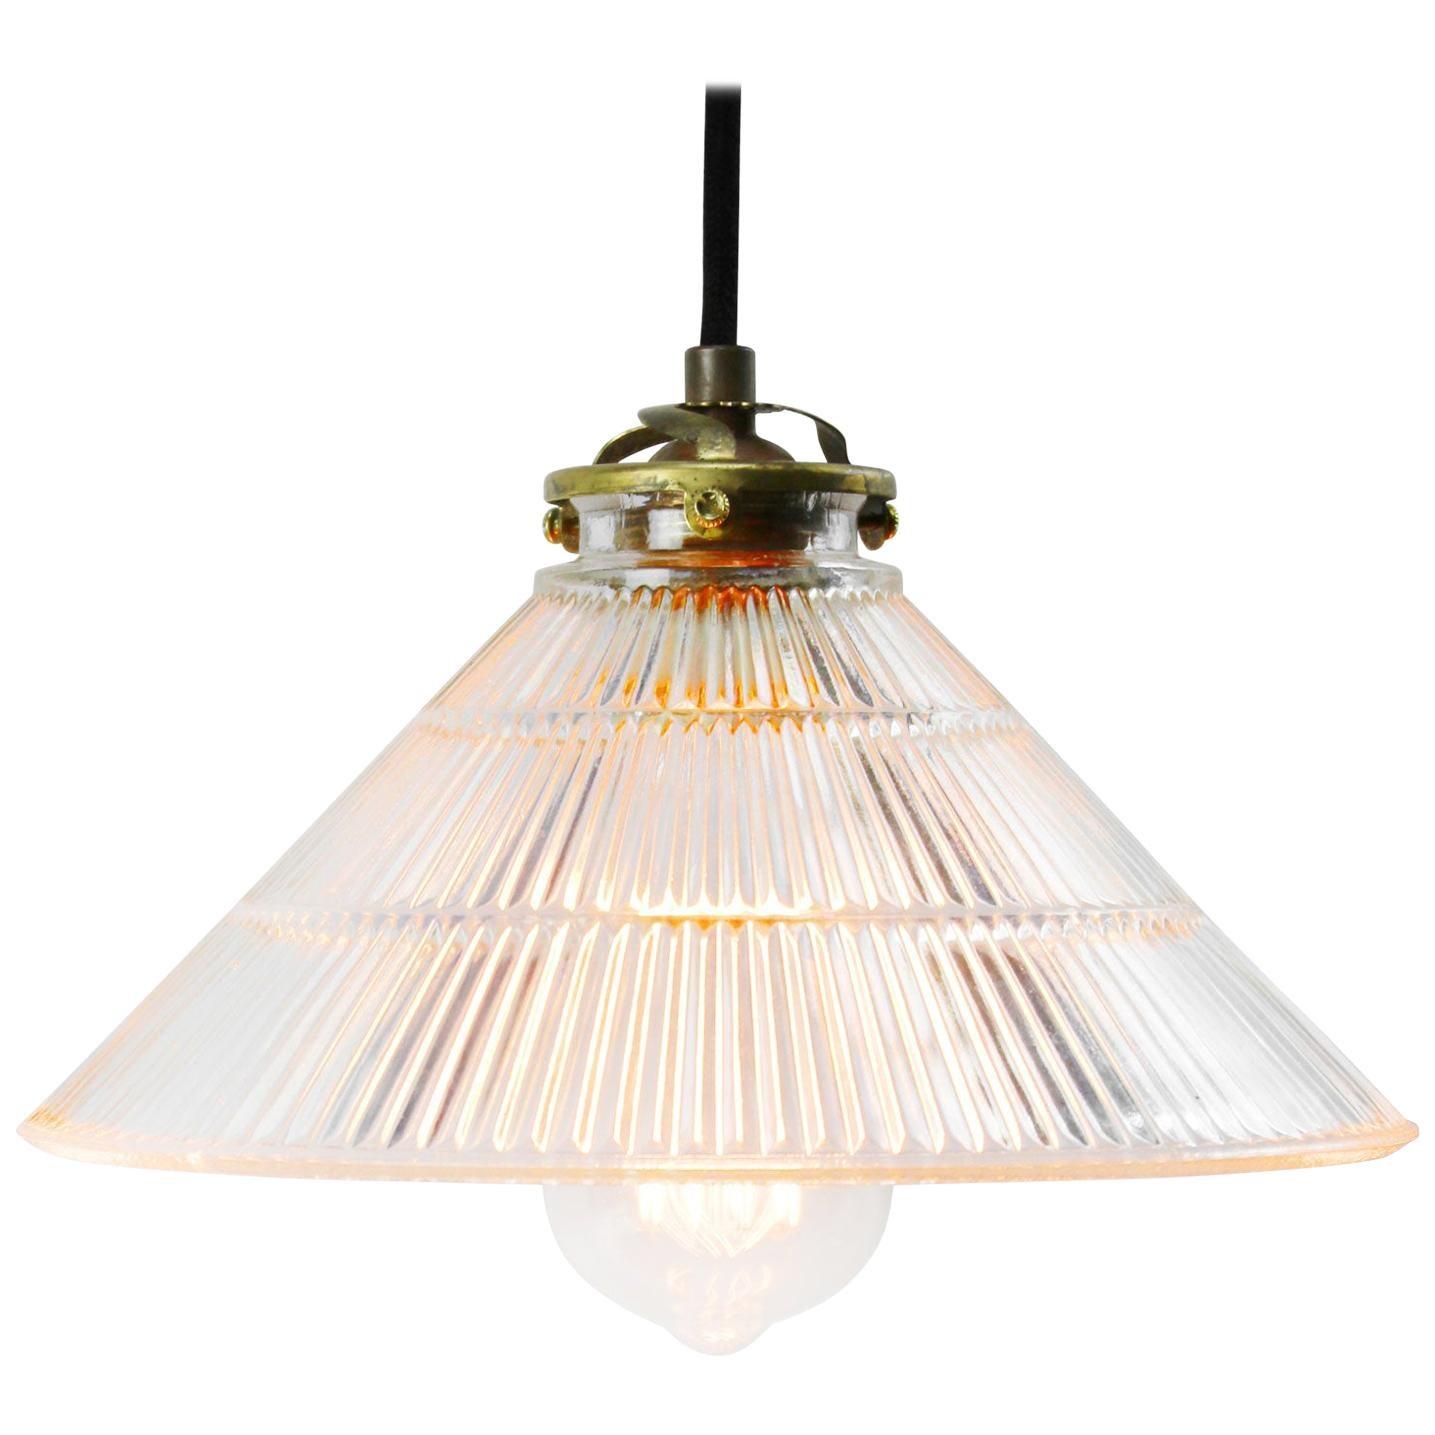 Holophane Glass Vintage Industrial Pendant Lights